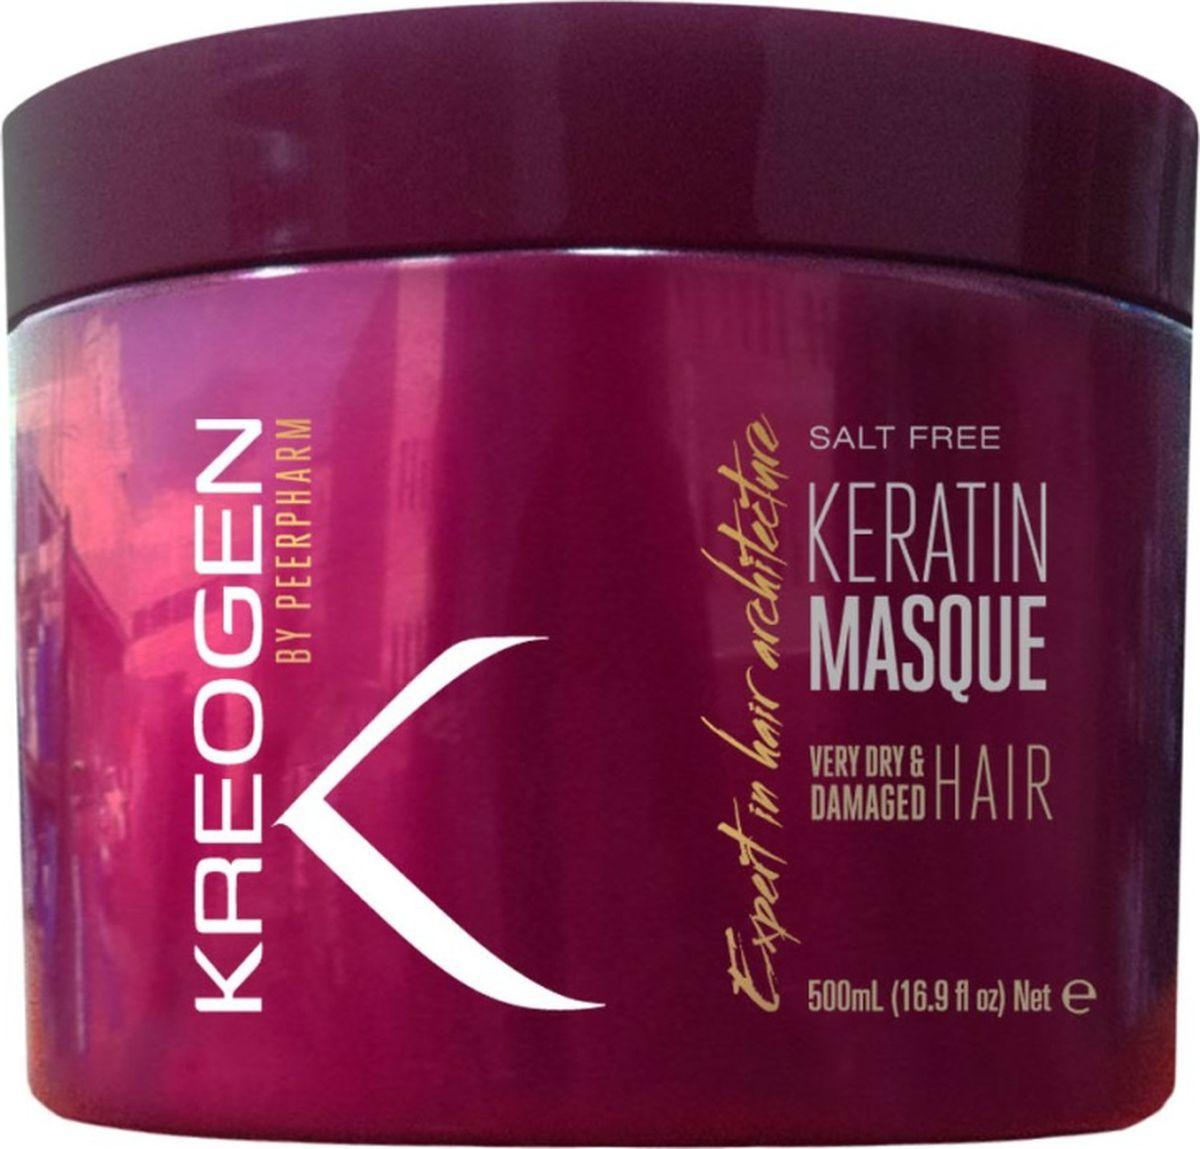 Kreogen Бессолевая кератиновая маска для сухих и поврежденных волос, Kreogen, 500 млKr2025Основной активный ингредиент косметики Kreogen - кератин - чрезвычайно сильный протеин, основной компонент структуры волос. - питательная маска с комплексом масел для восстановления жизненных сил, блеска и структуры волос; - масла арганы и миндаля отлично усваиваются волосами, что обеспечивает им мягкость и опрятность по всей длине сразу же после применения; - можно использовать до 3 раз в неделю на всю длину волос + на очень сухие и ломкие кончики каждый раз после мытья волос.